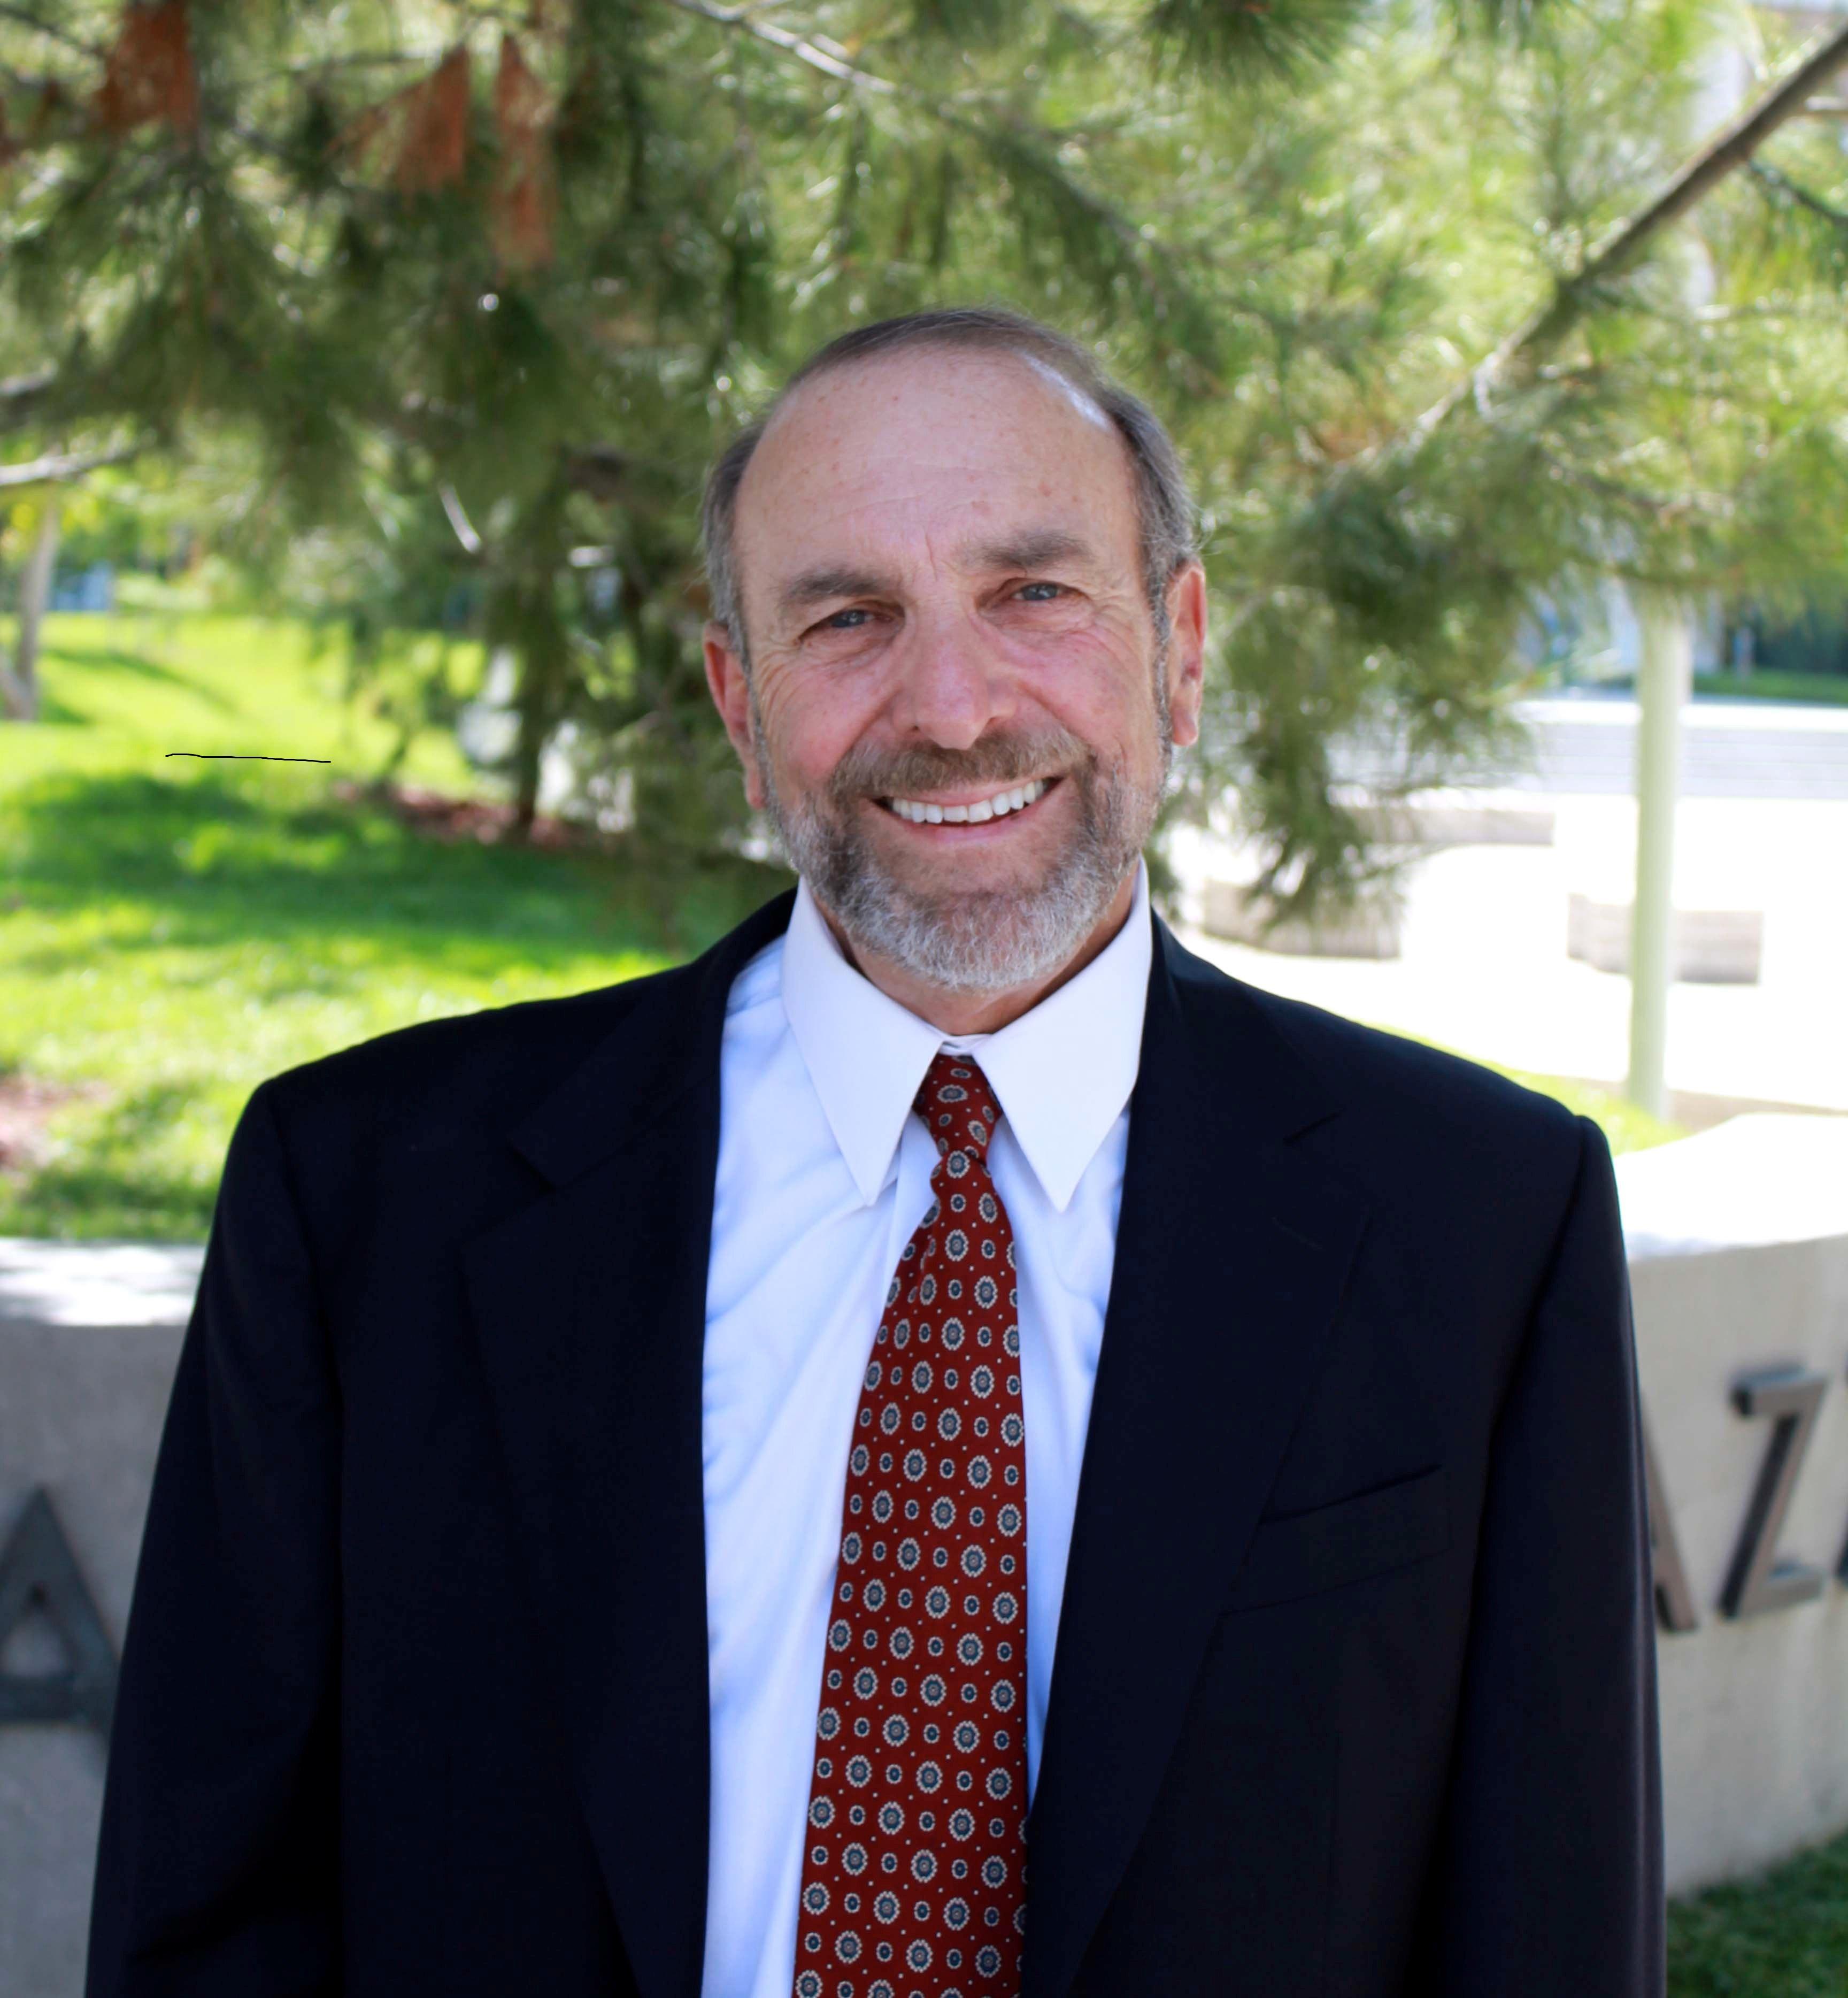 Andy Horowitz